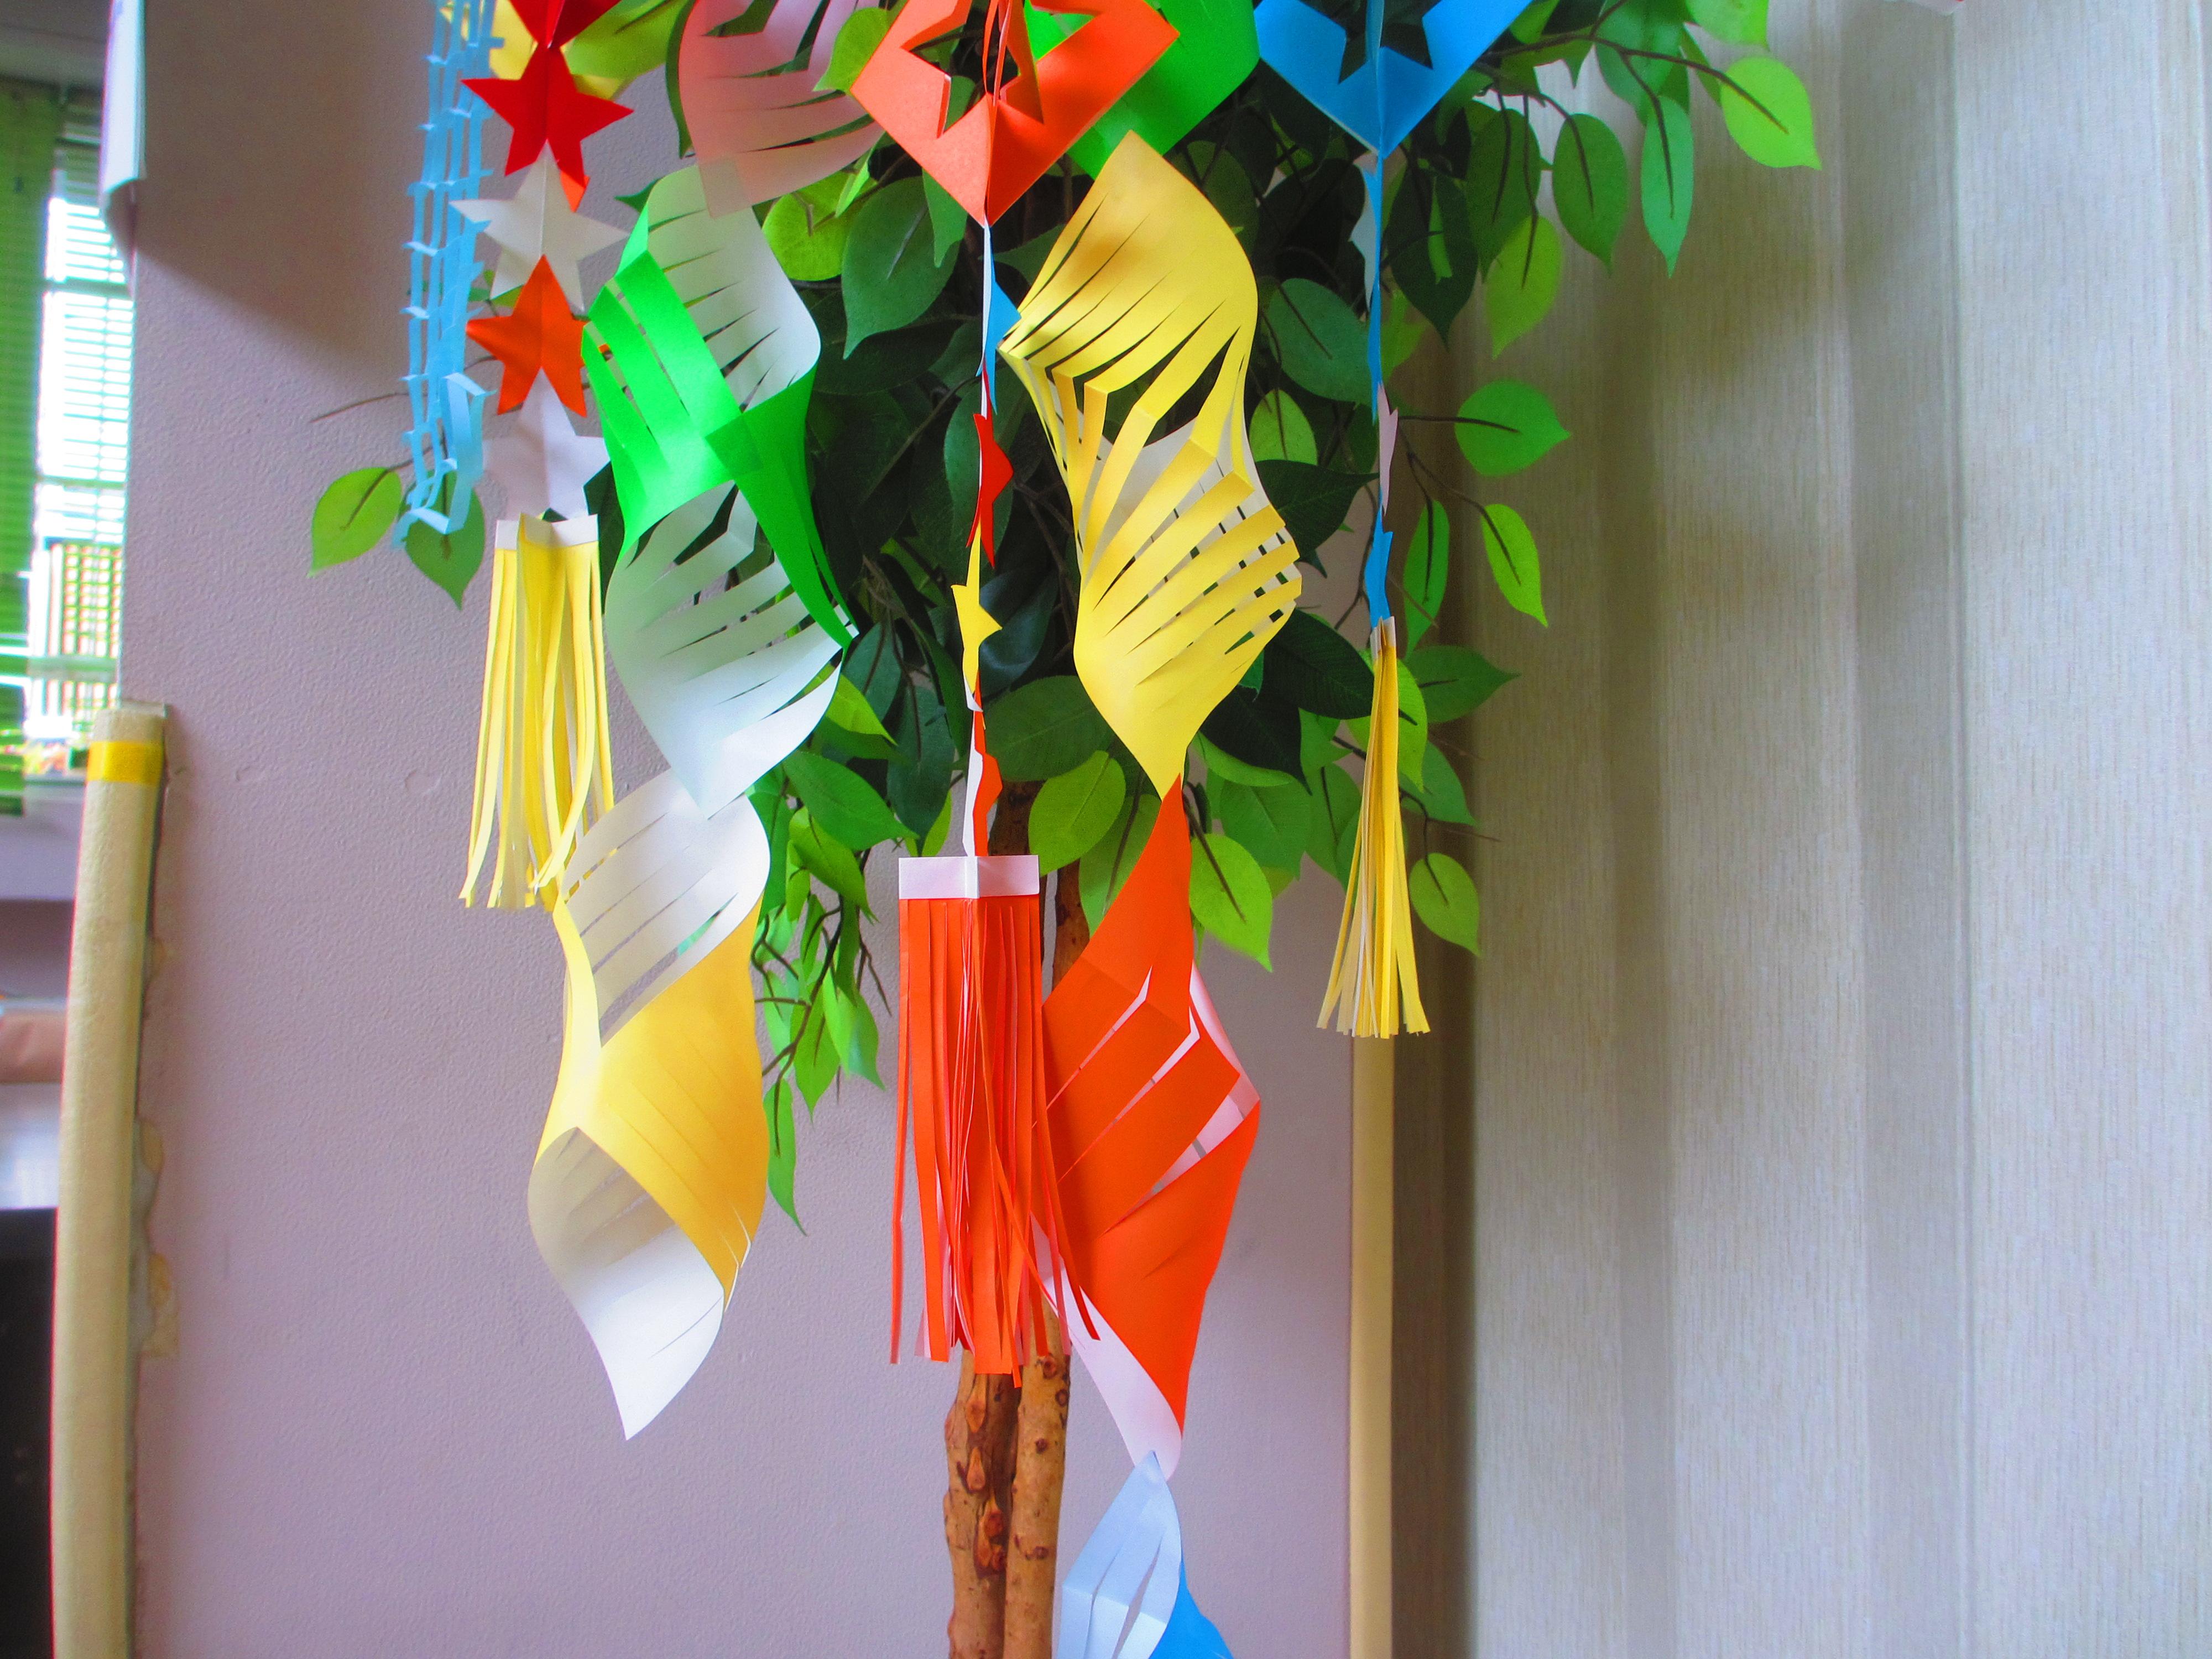 すべての折り紙 折り紙 七夕飾り : 七夕飾りの折り紙を一緒に ...